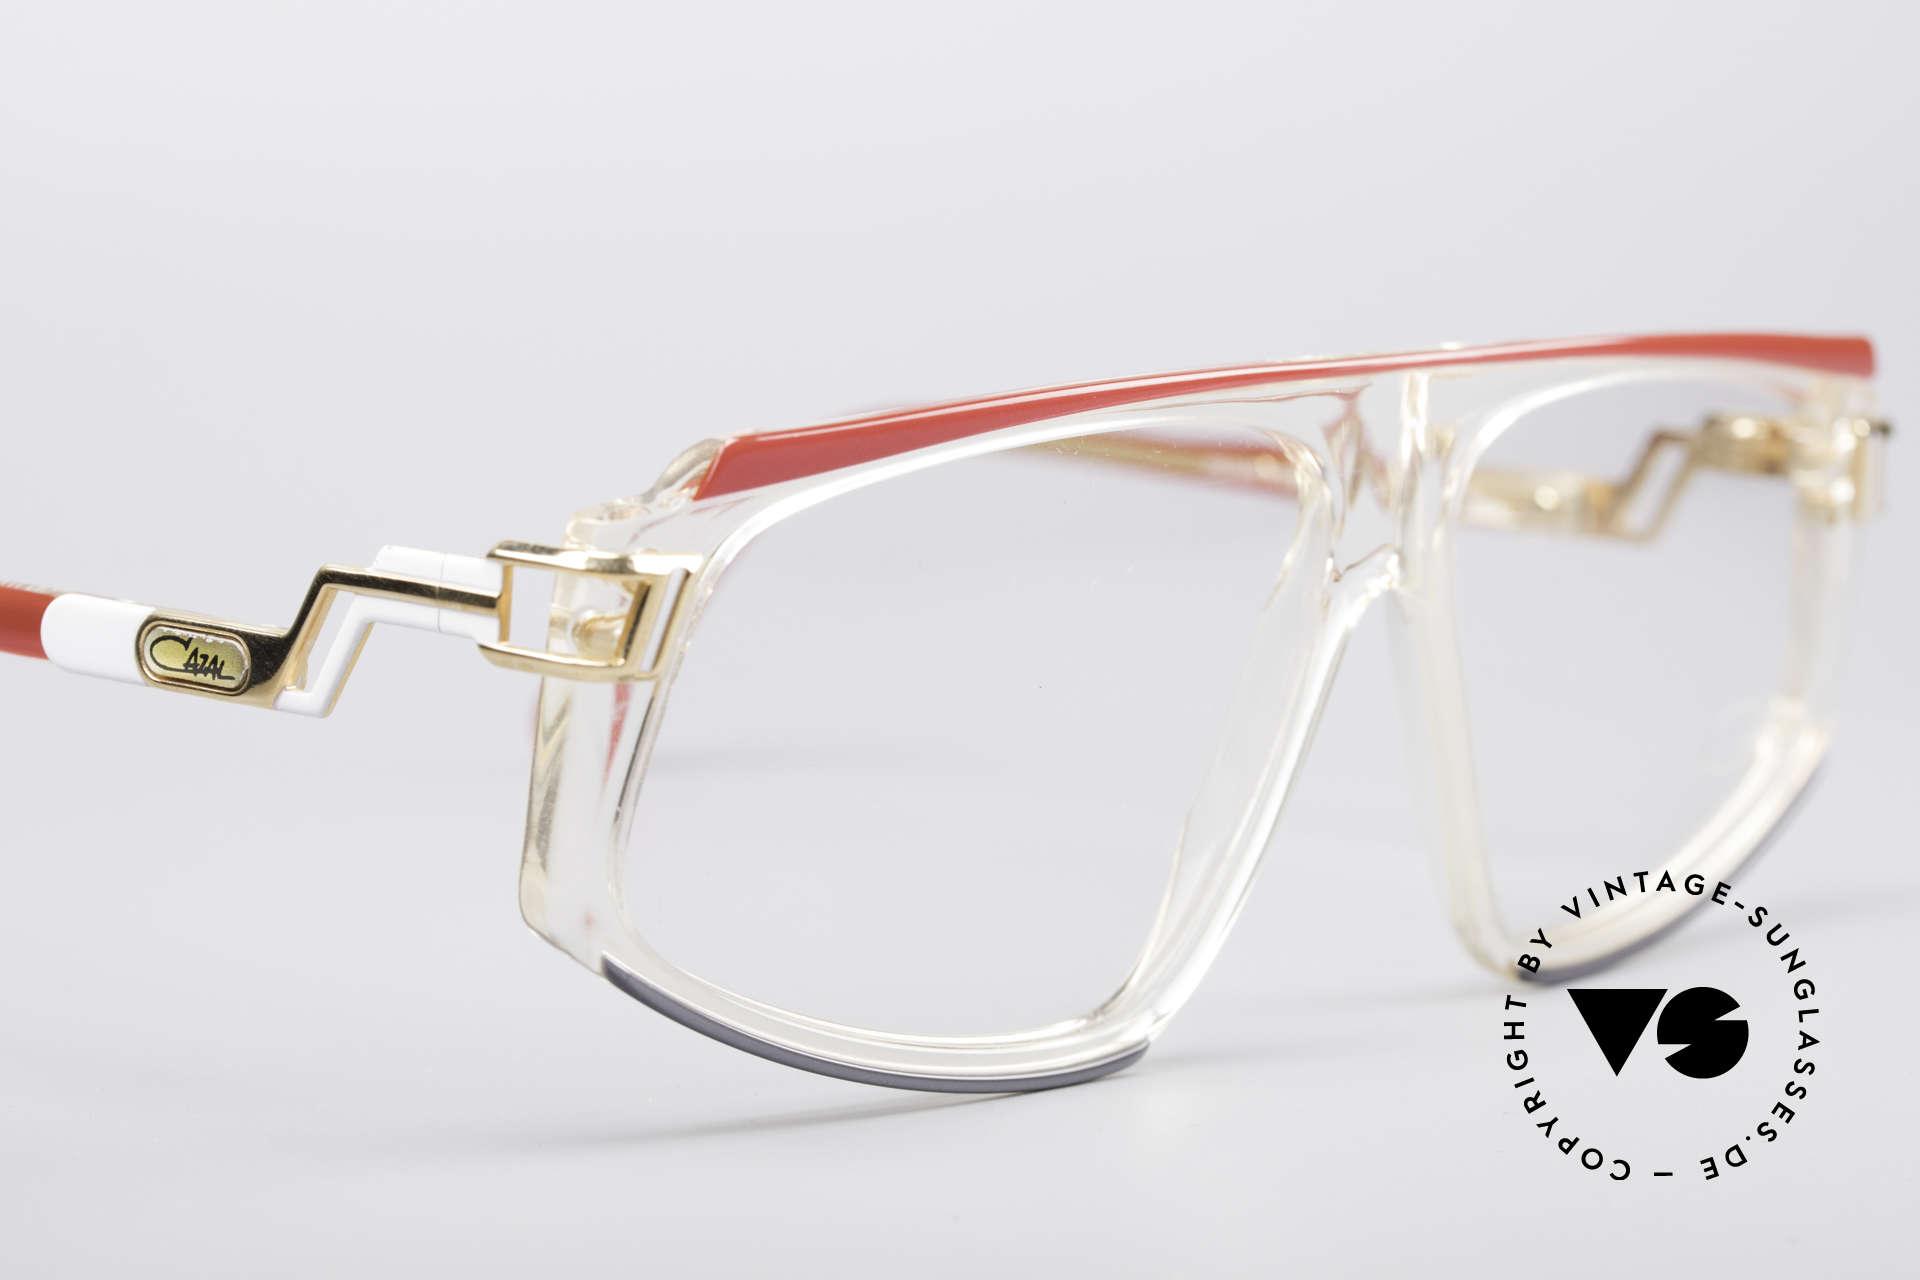 Cazal 170 Echt Vintage No Retrobrille, KEIN RETRO; ein altes 'W.Germany' Original!!, Passend für Damen